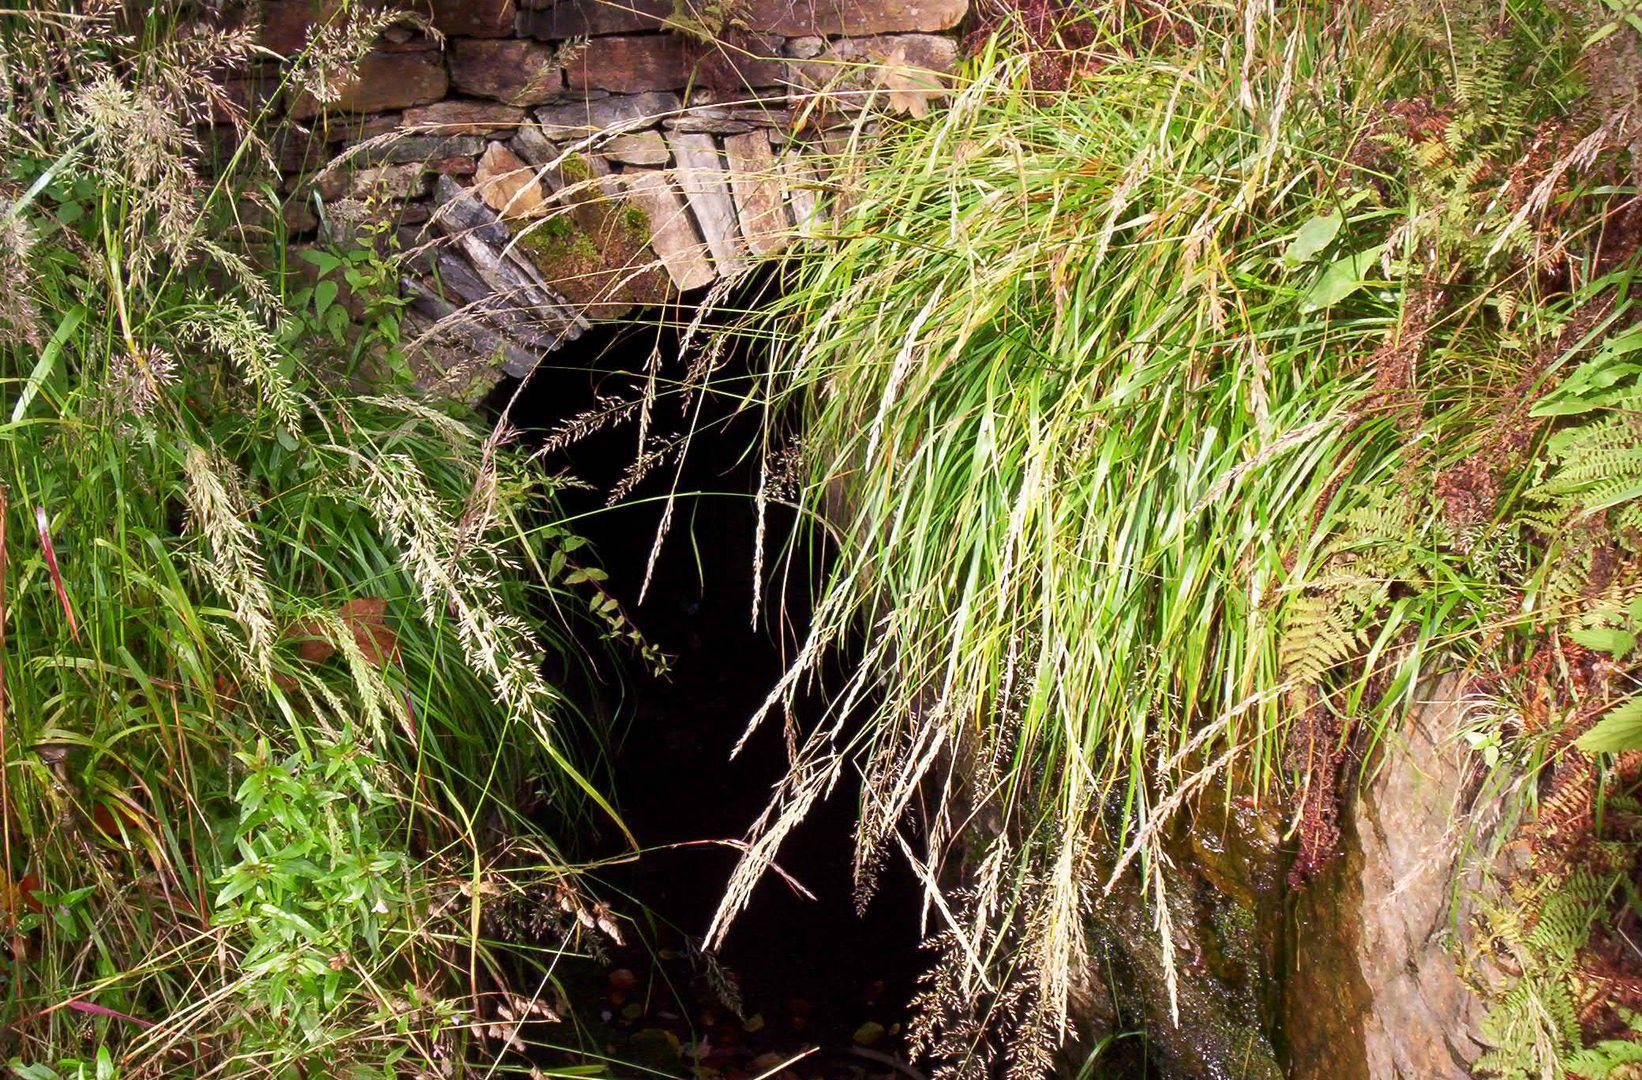 Eingang zu einem längst vergessenem unterirdischen Gang